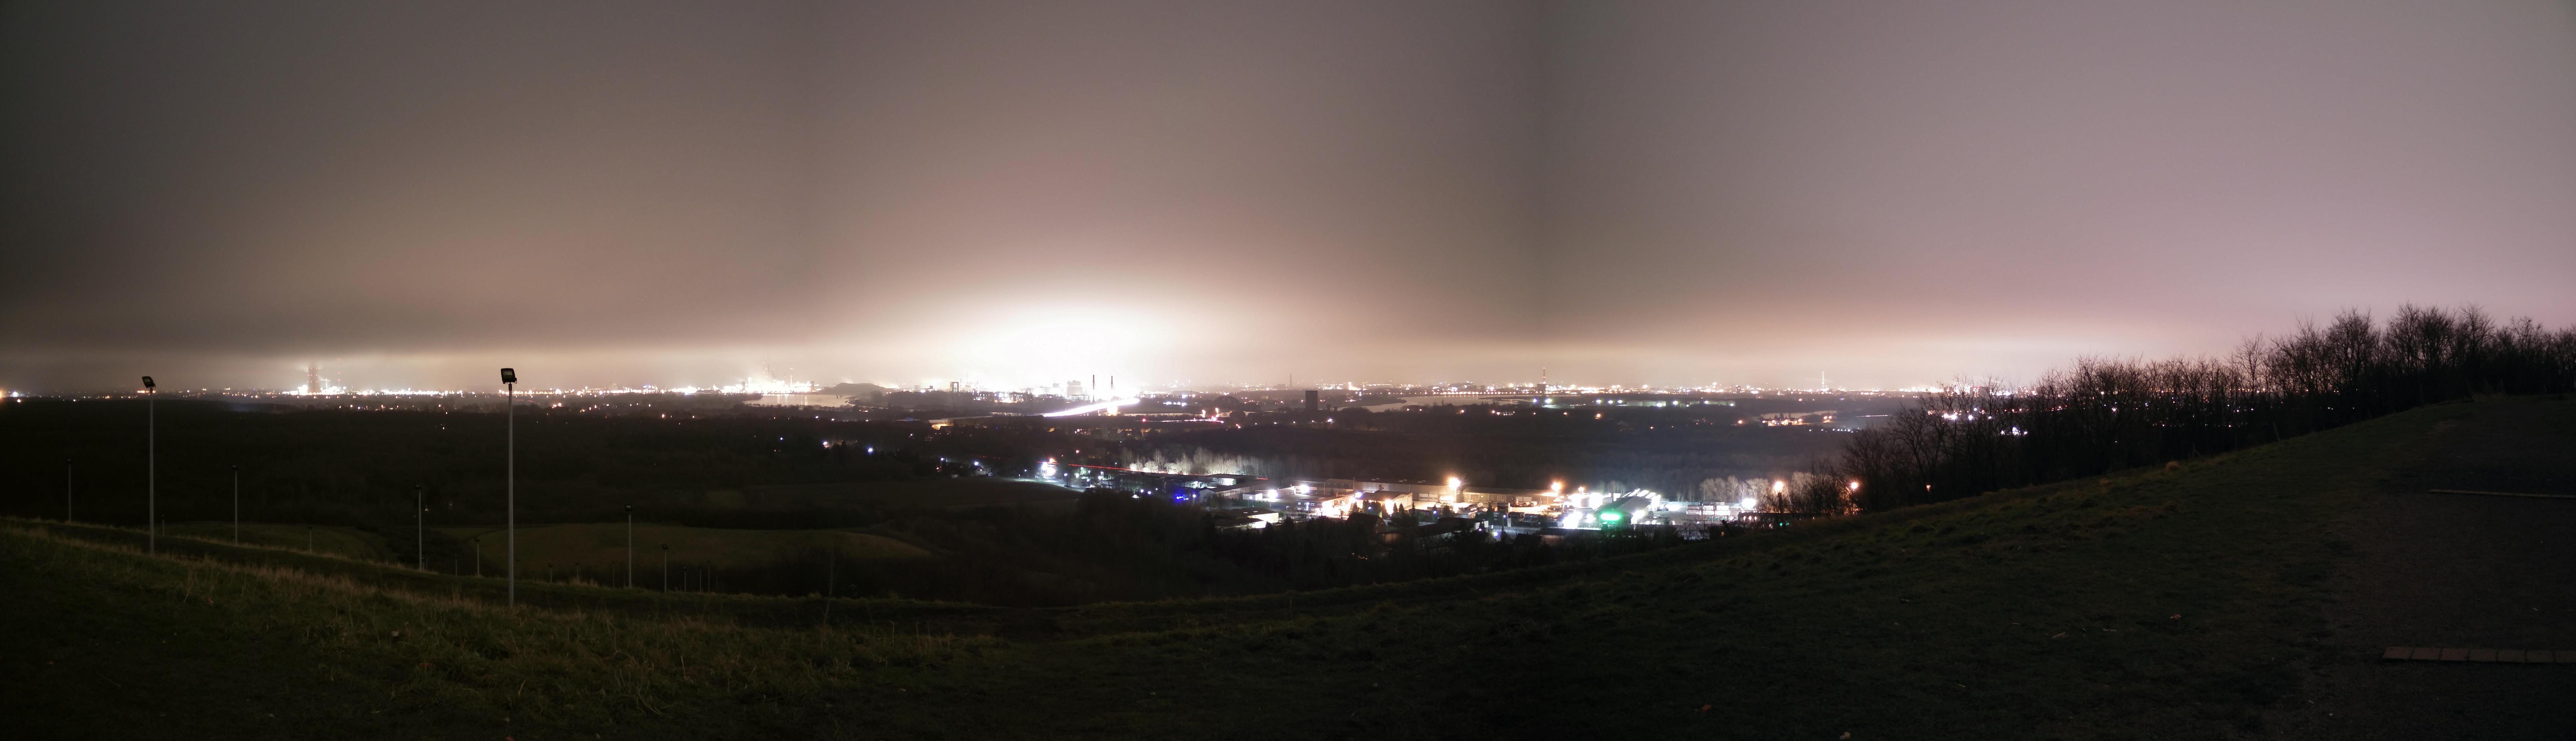 Motiv: Duisburg bei Nacht